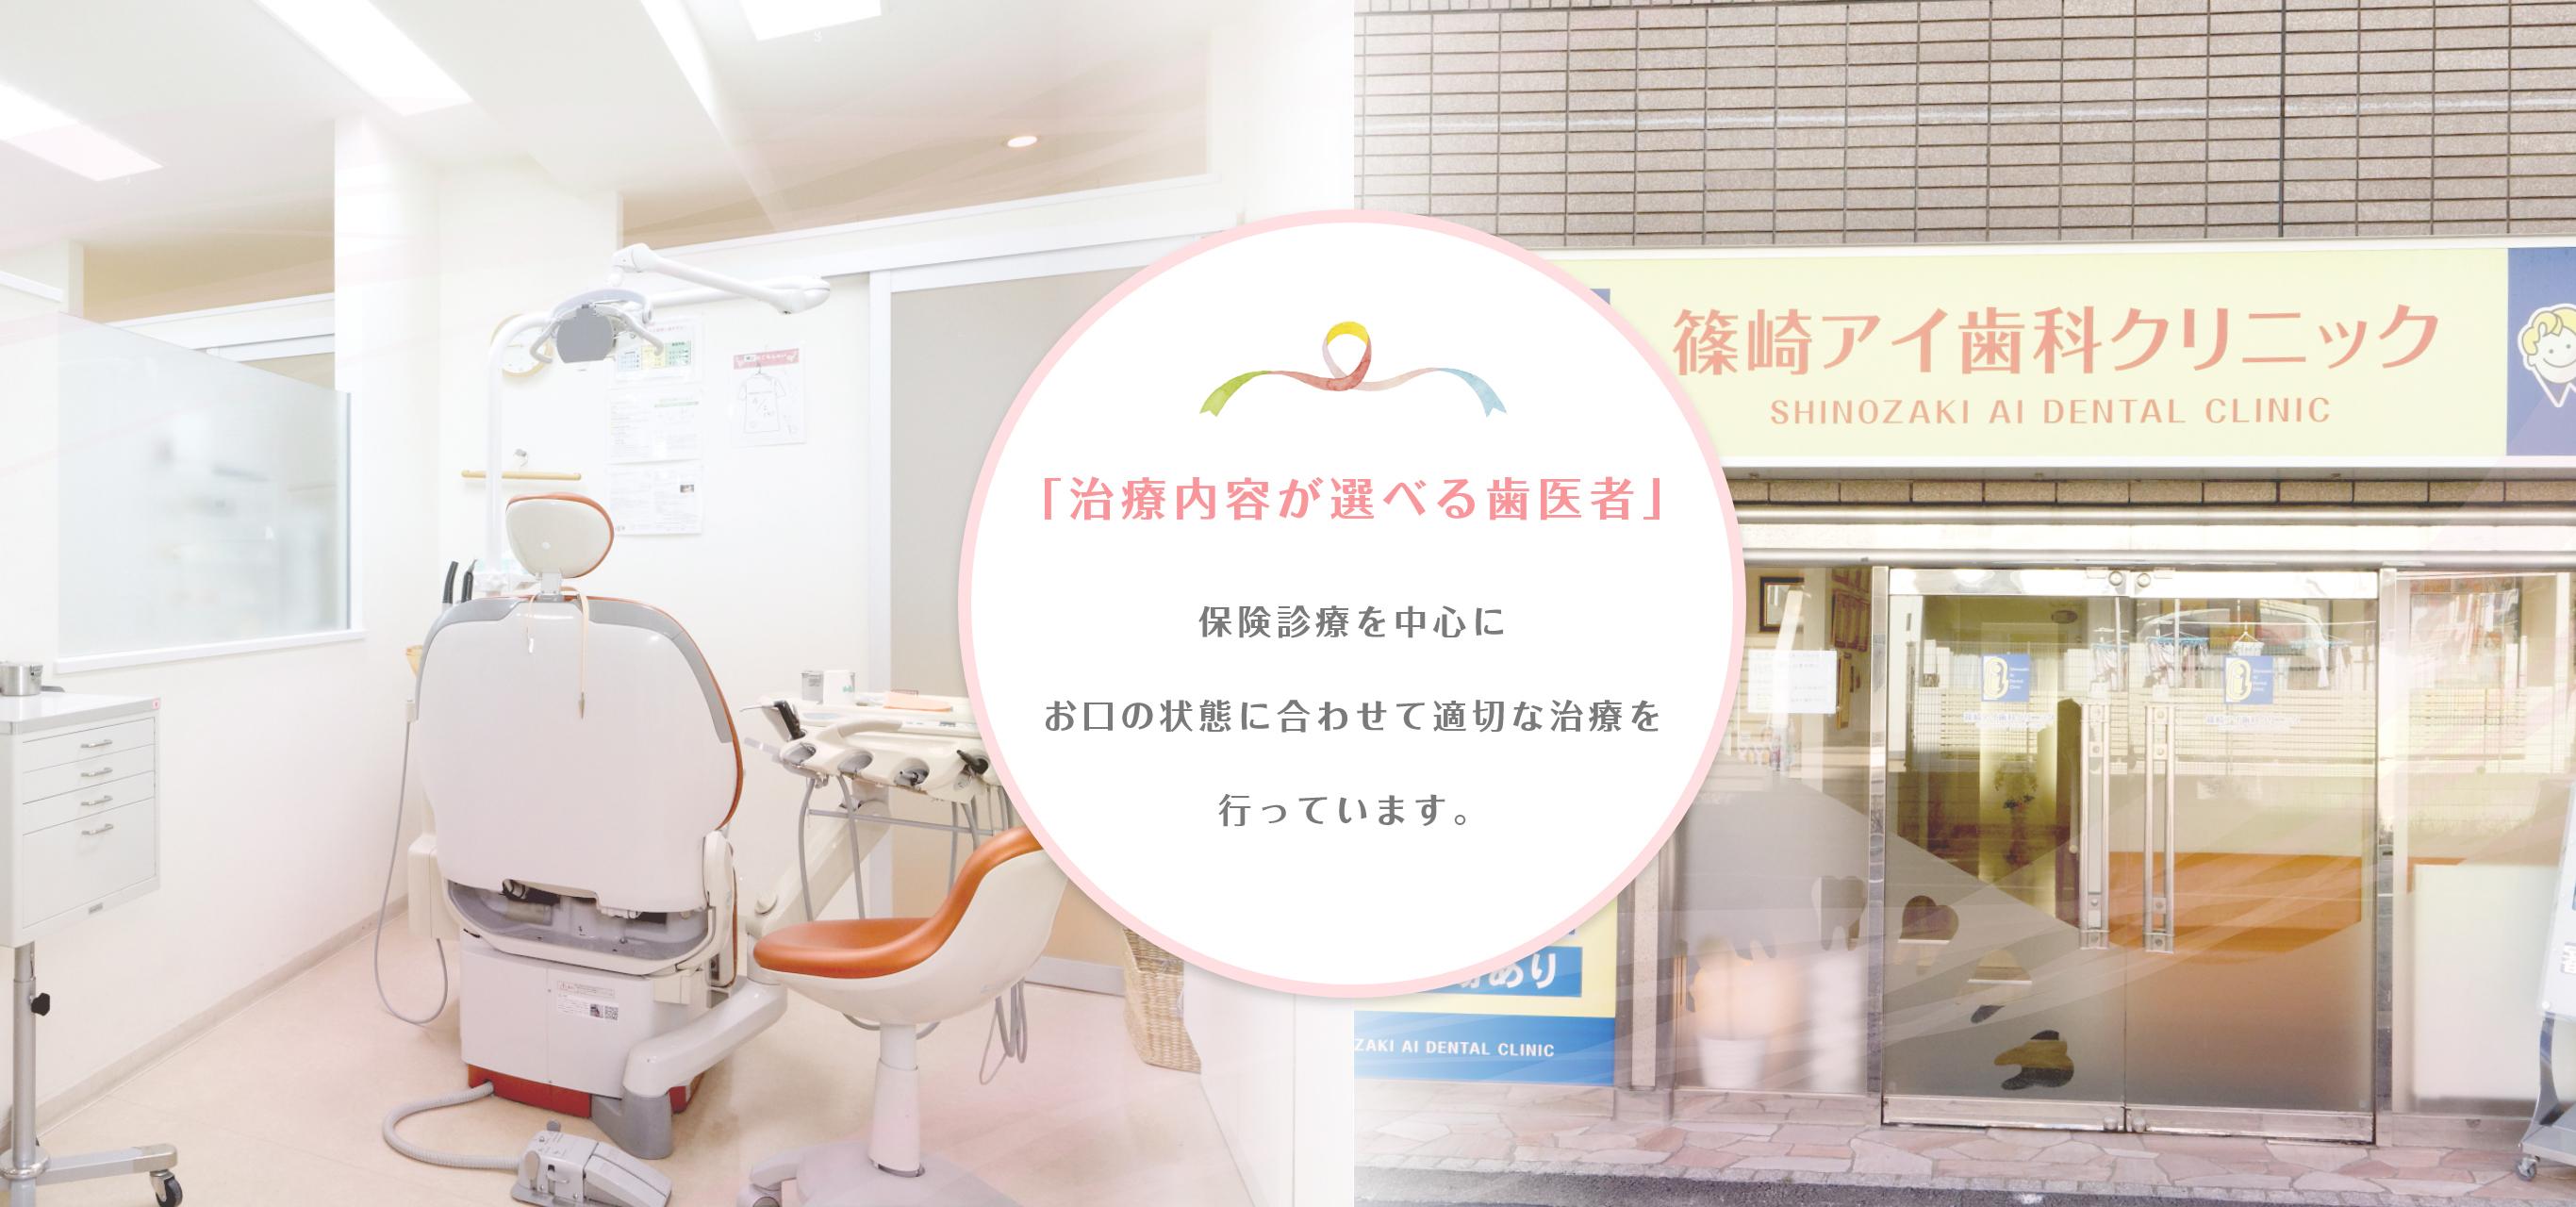 「治療内容が選べる歯医者」 保険診療を中心にお口の状態に合わせて適切な治療を行っています。